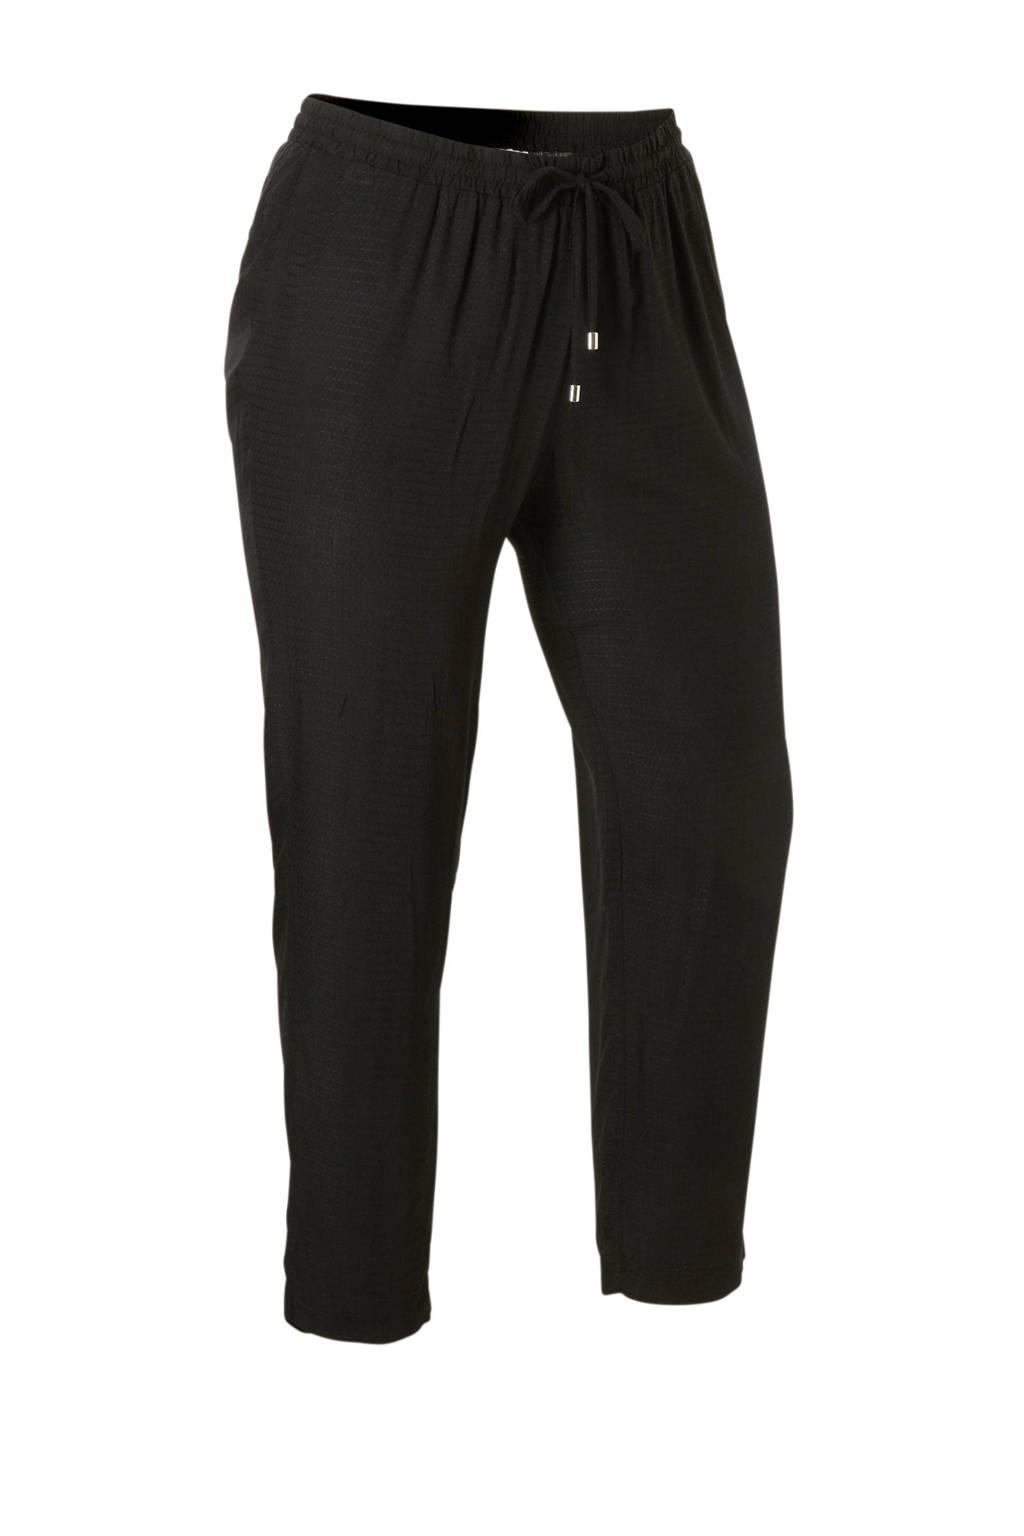 C&A XL Yessica broek zwart, Zwart